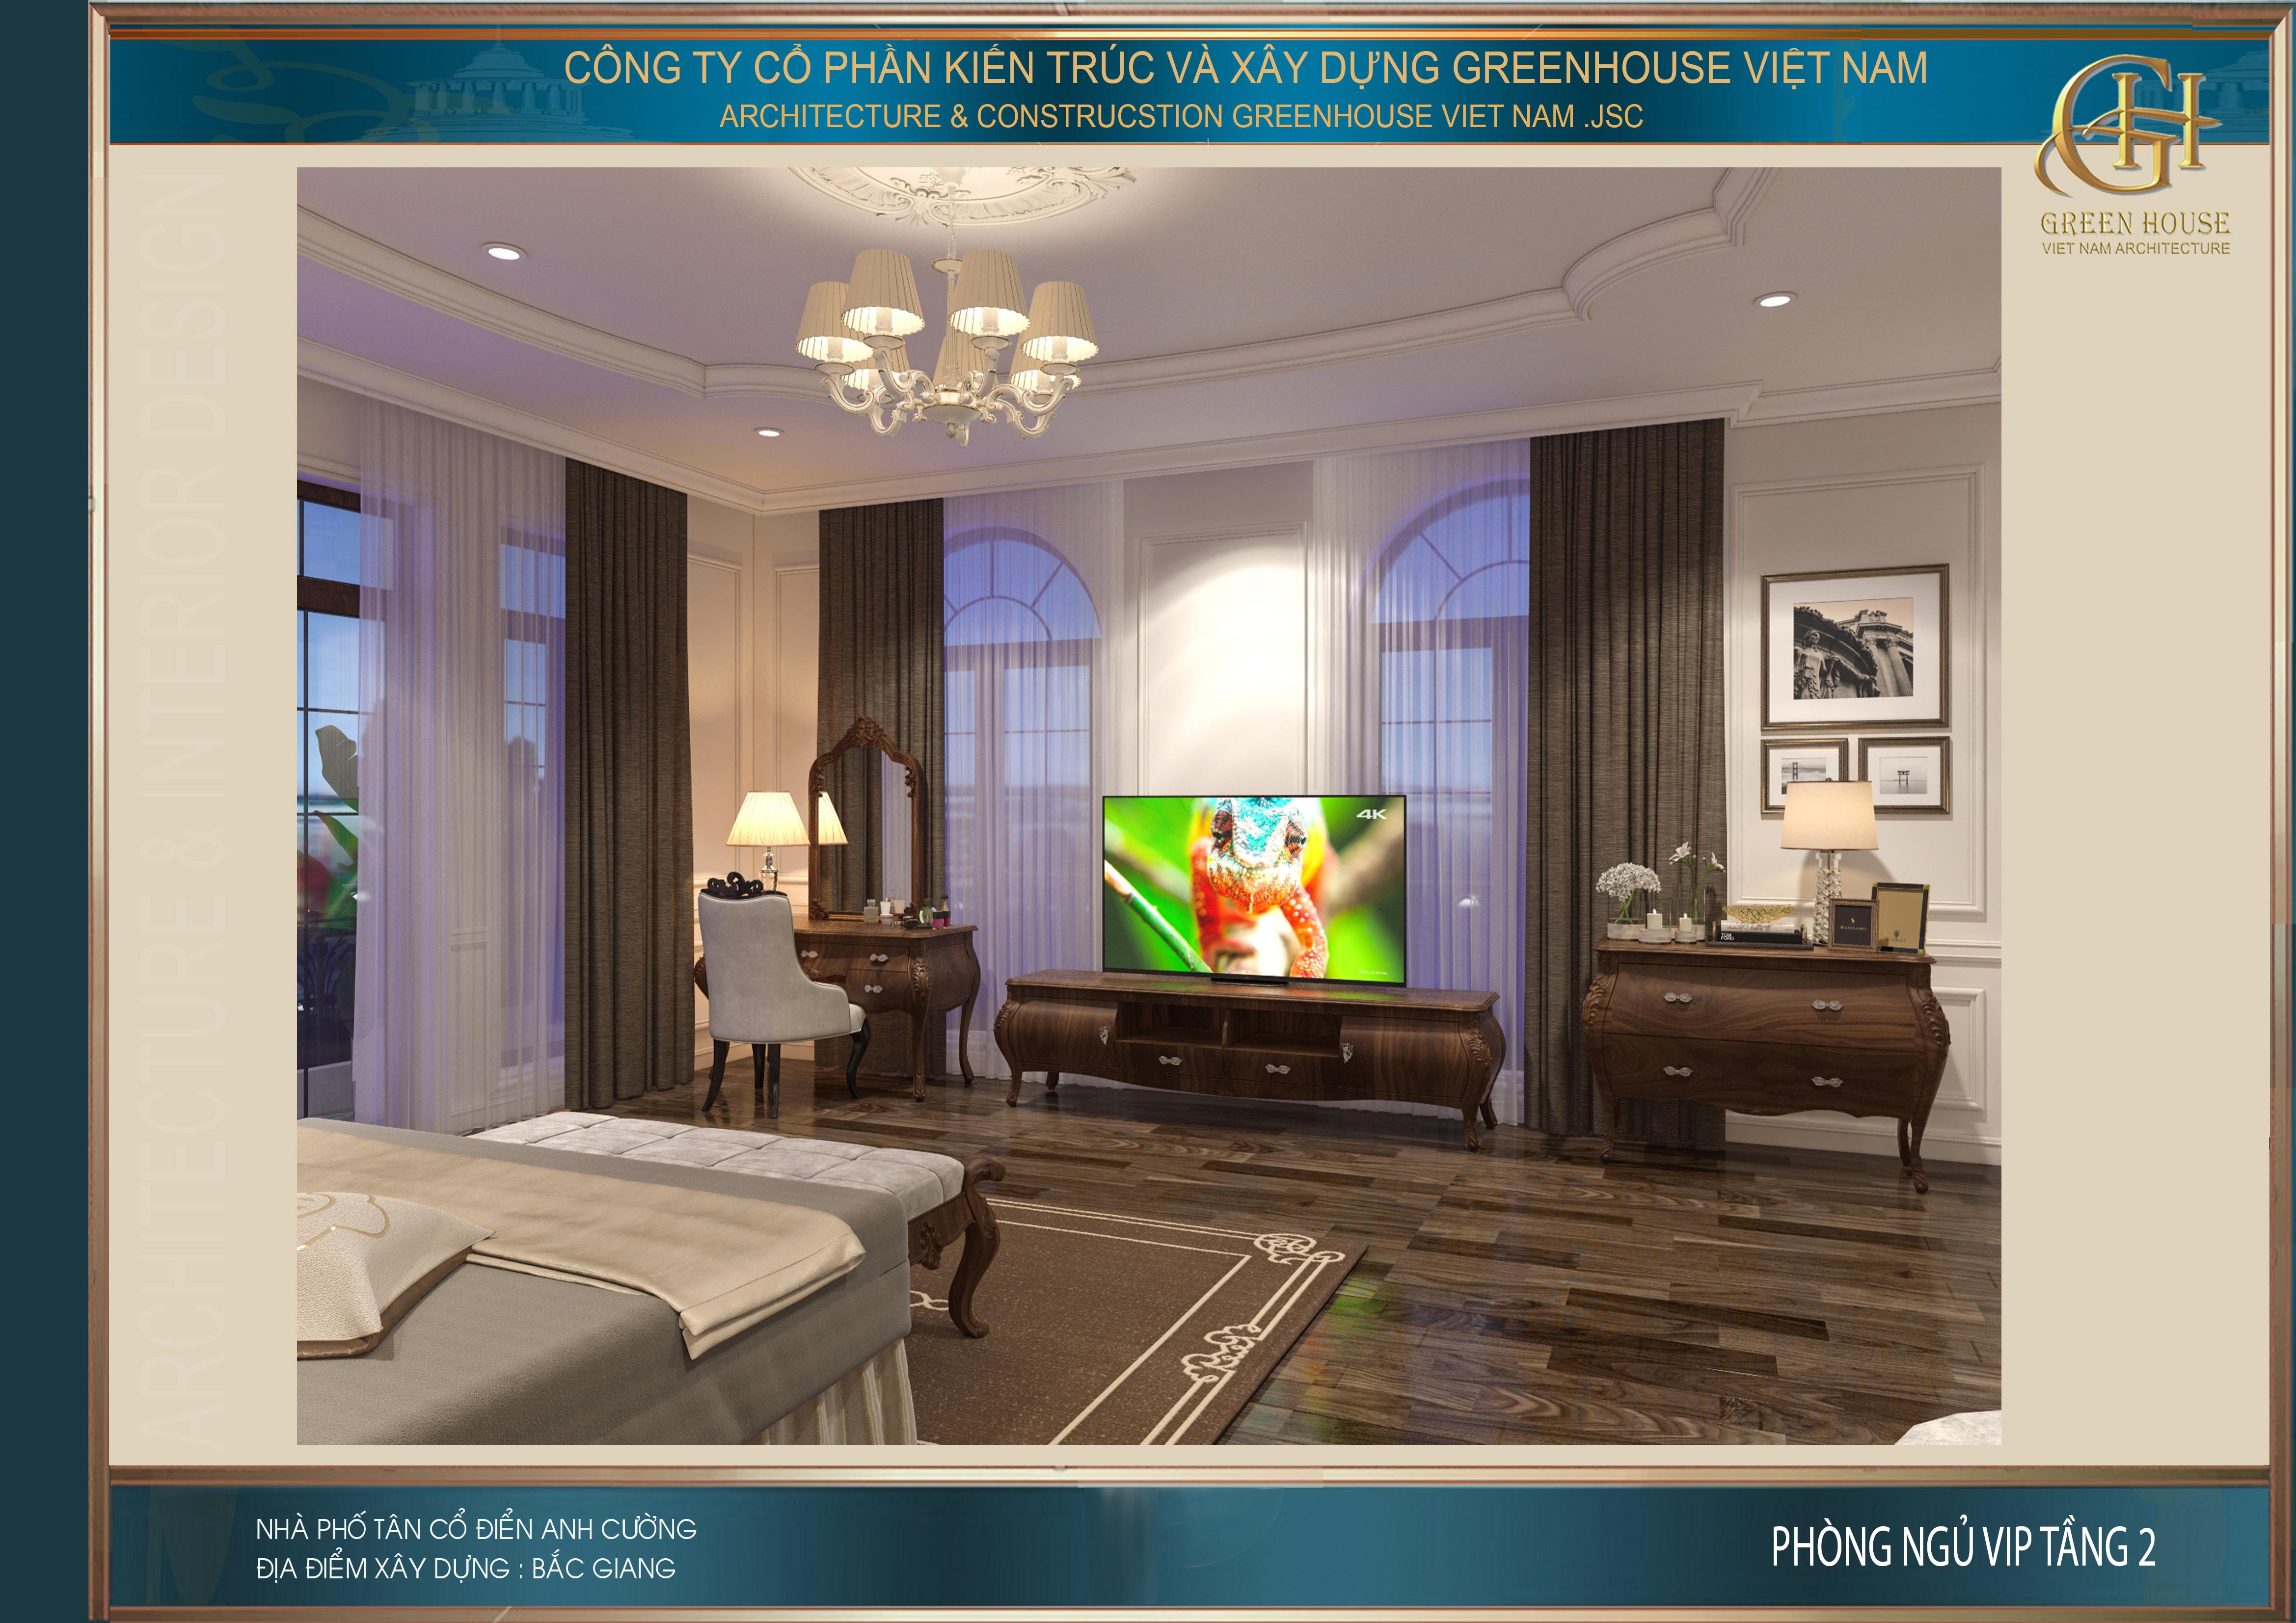 Toàn bộ hệ thống nội thất trong phòng đều đưuọc thiết kế bằng gỗ